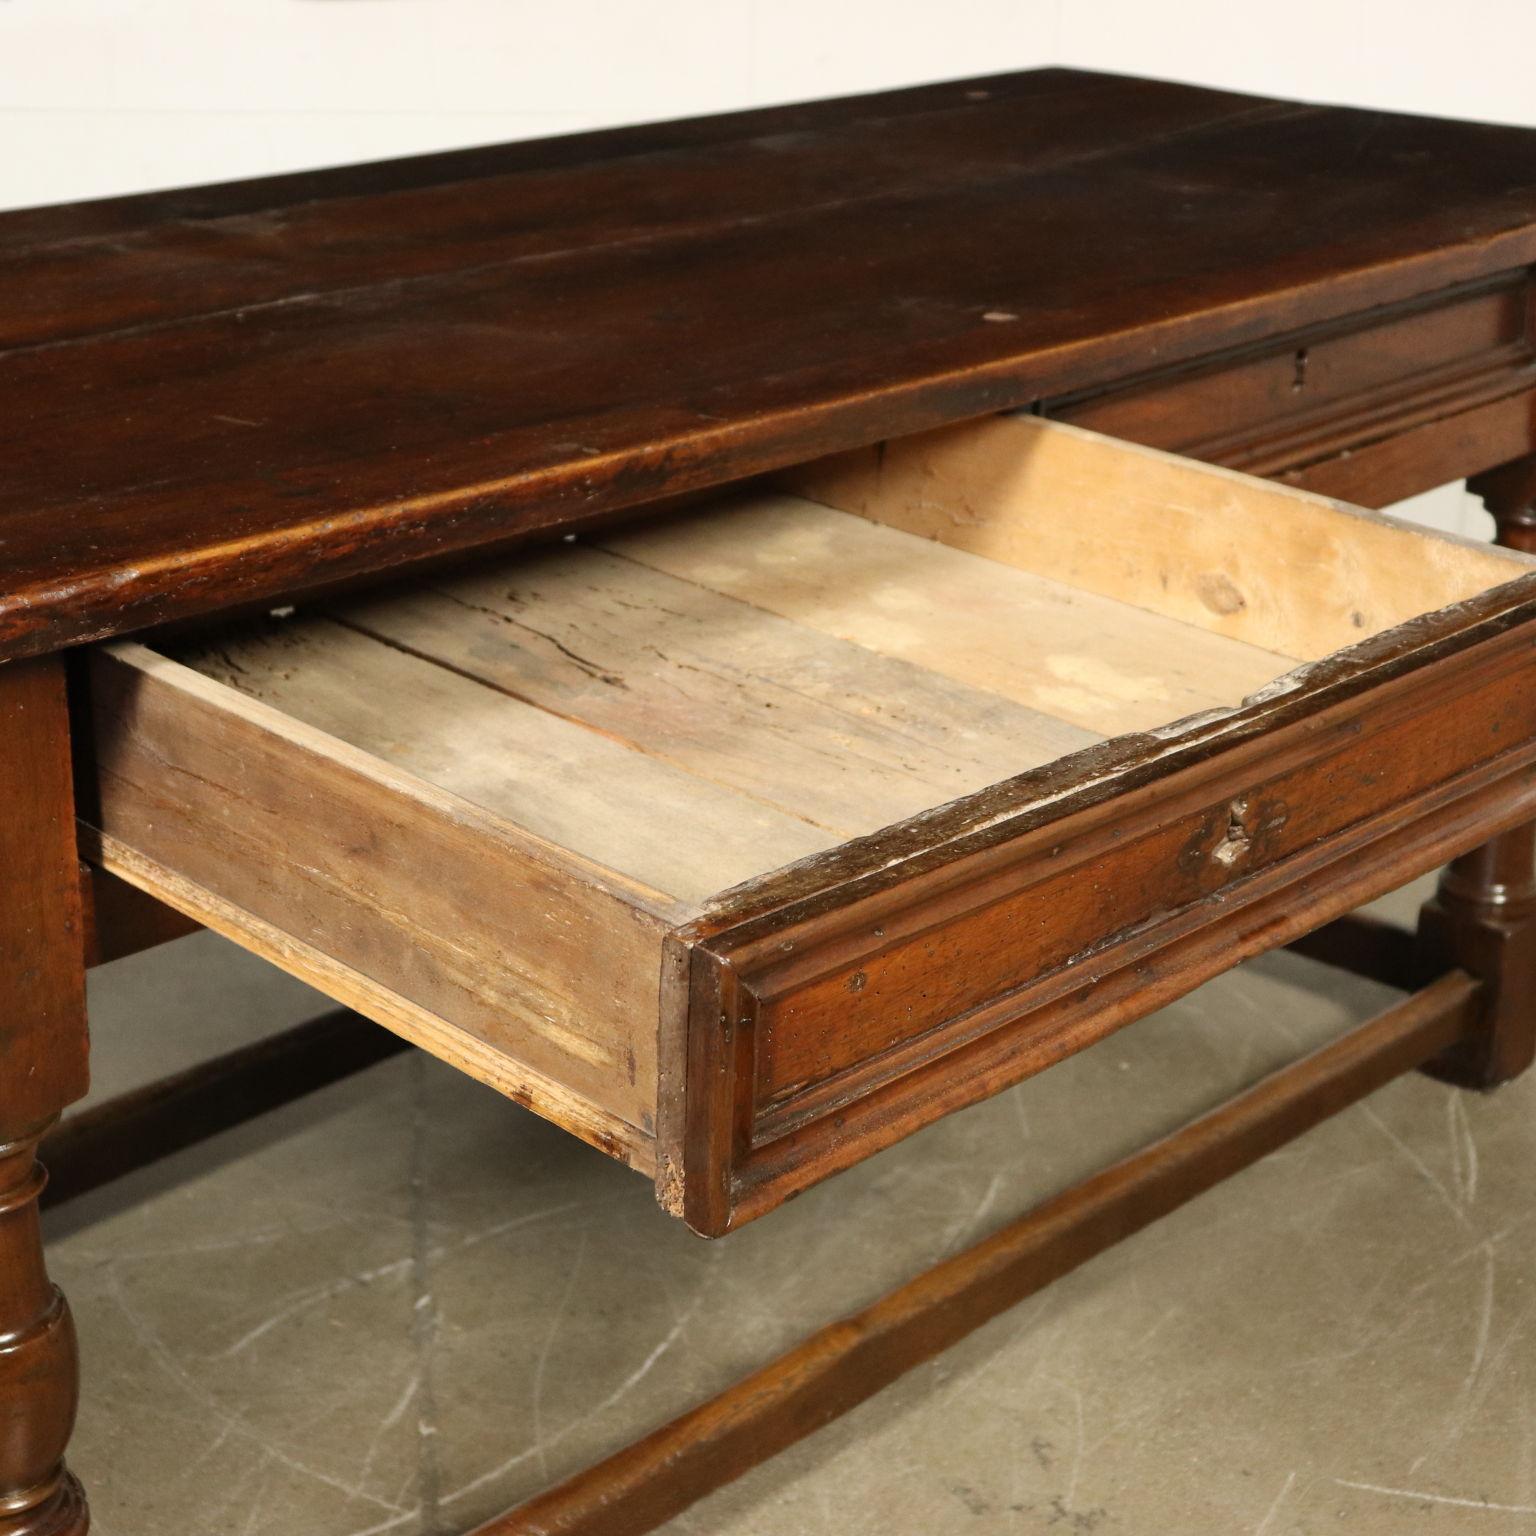 Antiker Tisch Aus Nussbaumholz Italien 18 Jahrhundert Tische Antiquitaten Dimanoinmano It